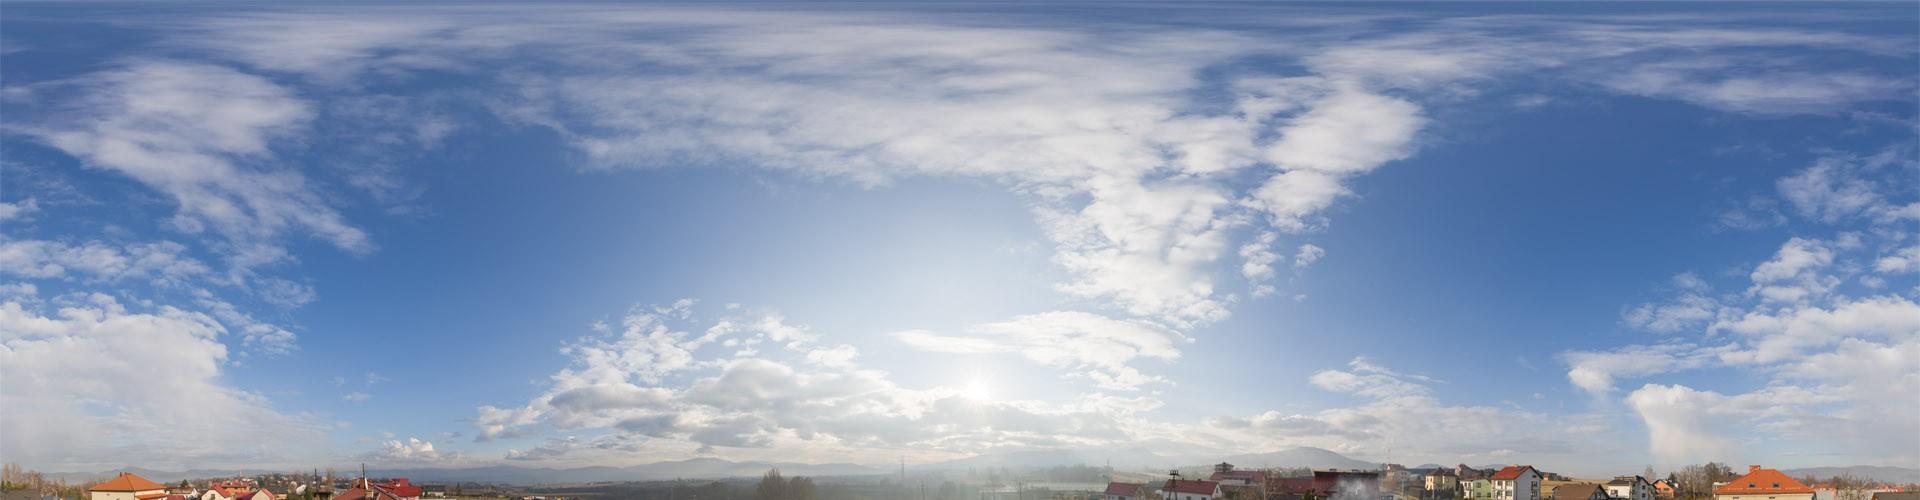 Cloudy Mountains 2743 (30k) HDRI